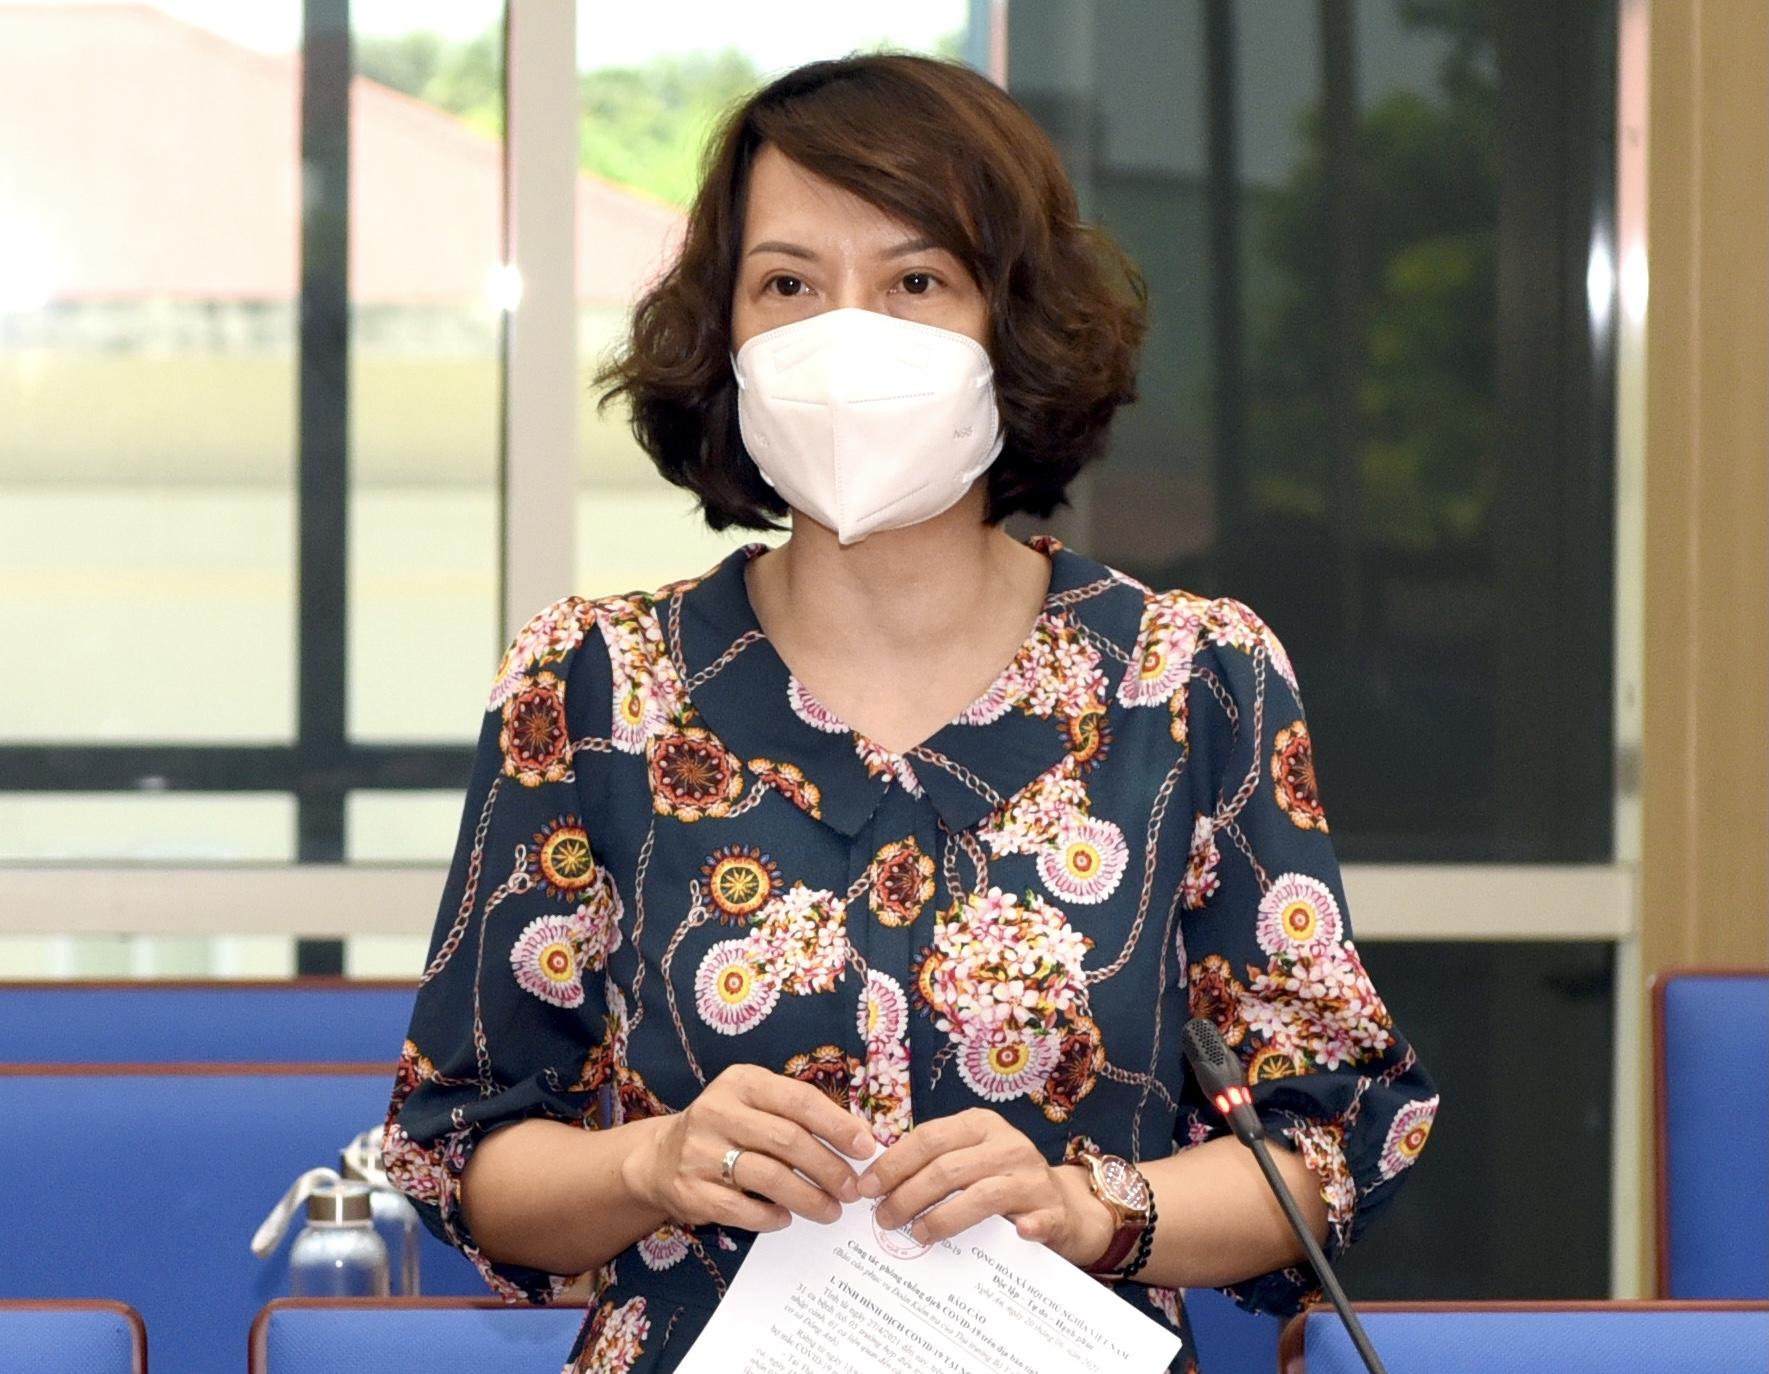 PGS.TS Nguyễn Thị Liên Hương, Cục trưởng Quản lý môi trường y tế, Bộ Y tế. Ảnh: Nhân vật cung cấp